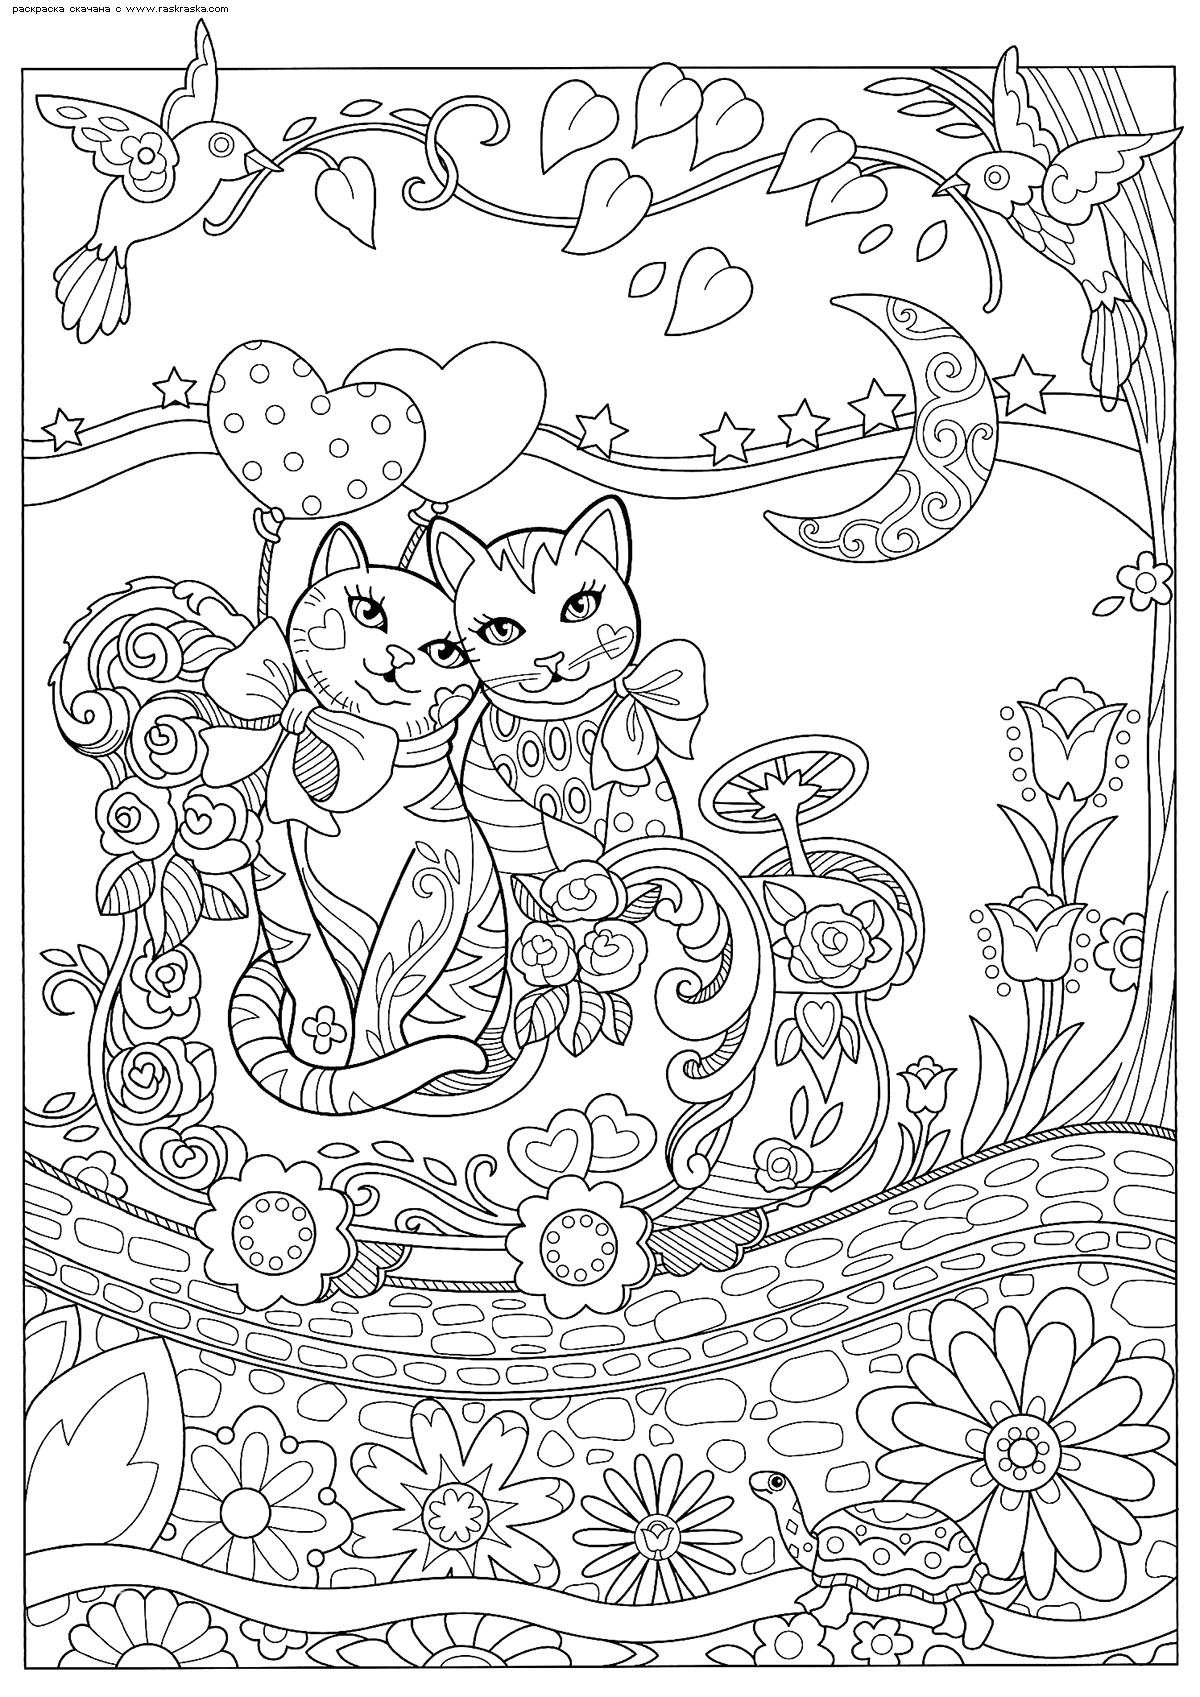 Раскраска Кошки на прогулке. Раскраска антистресс, коты